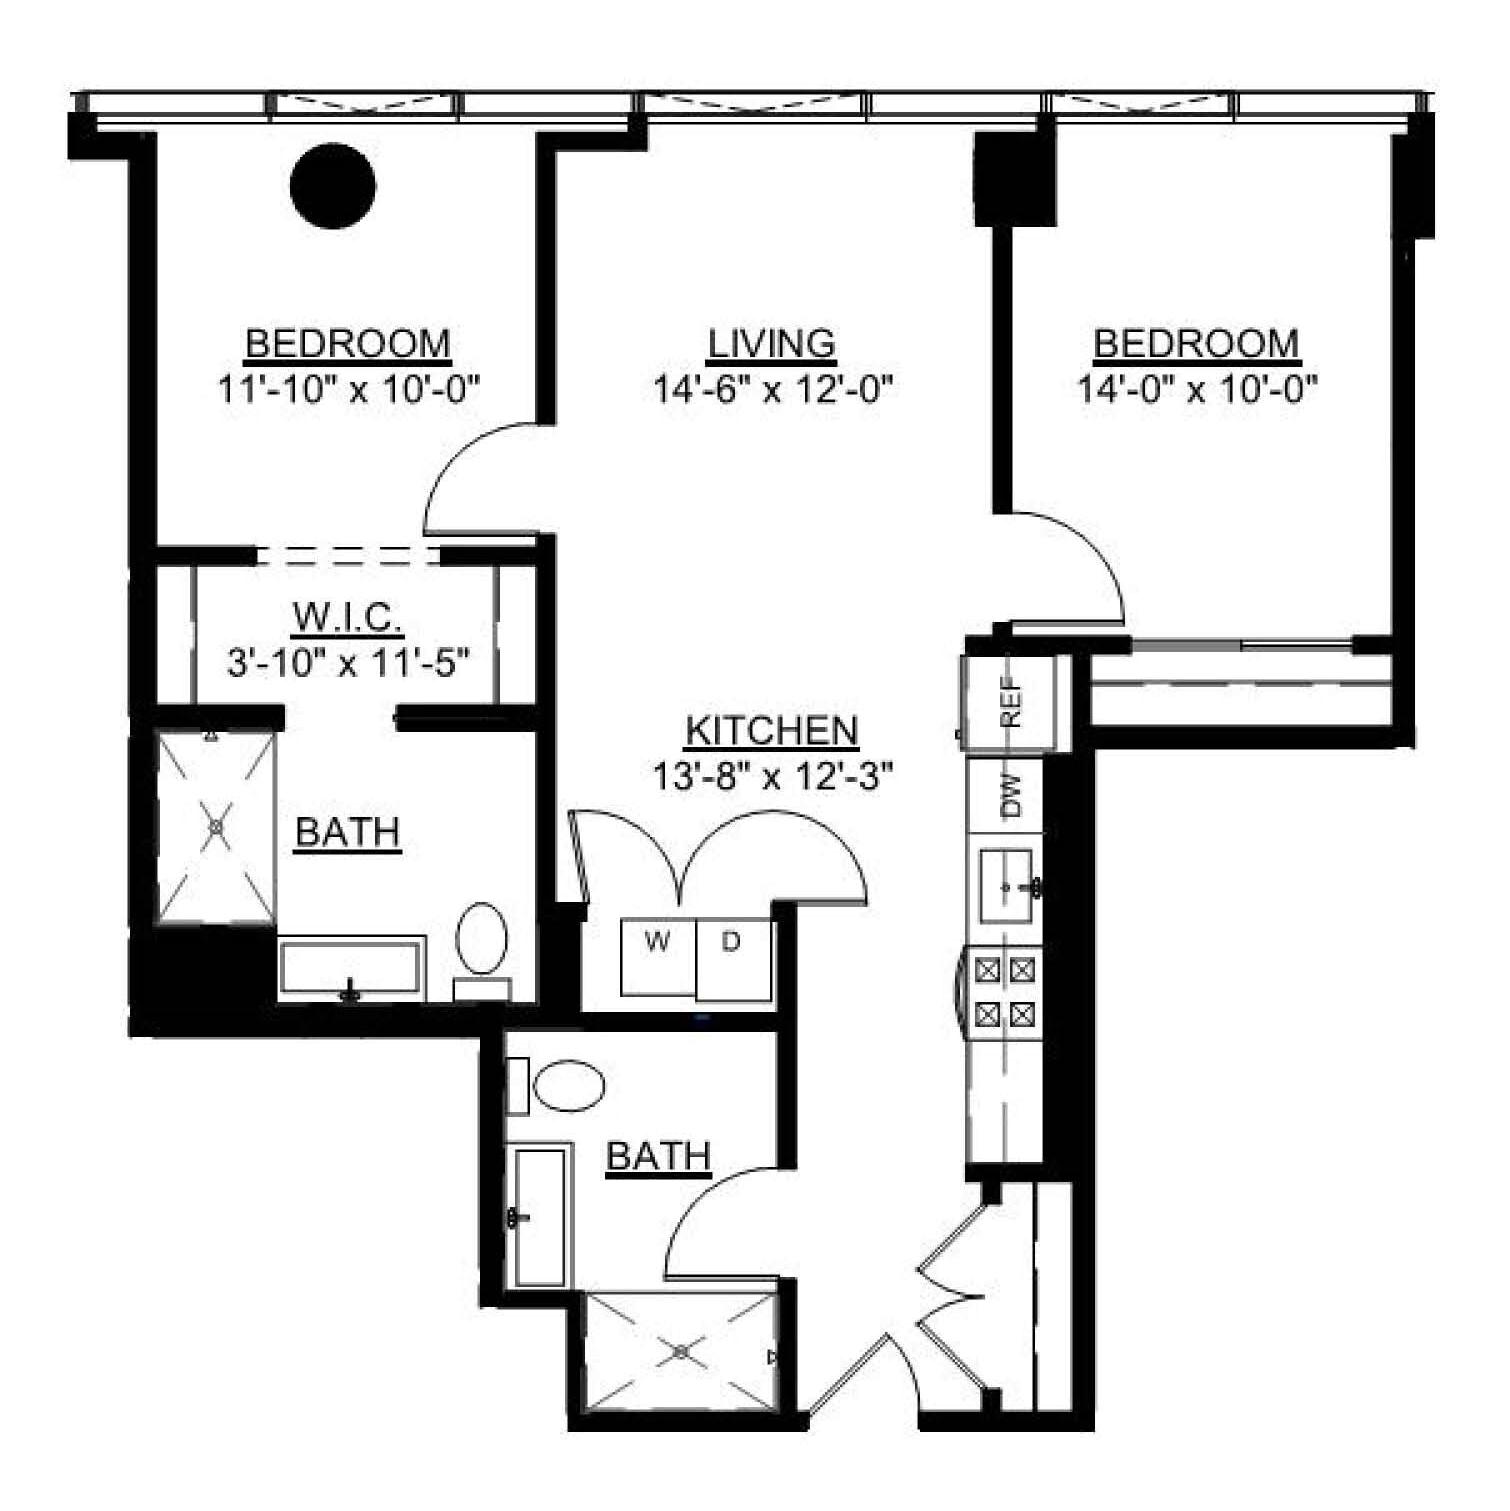 Two Bedroom B floor plan